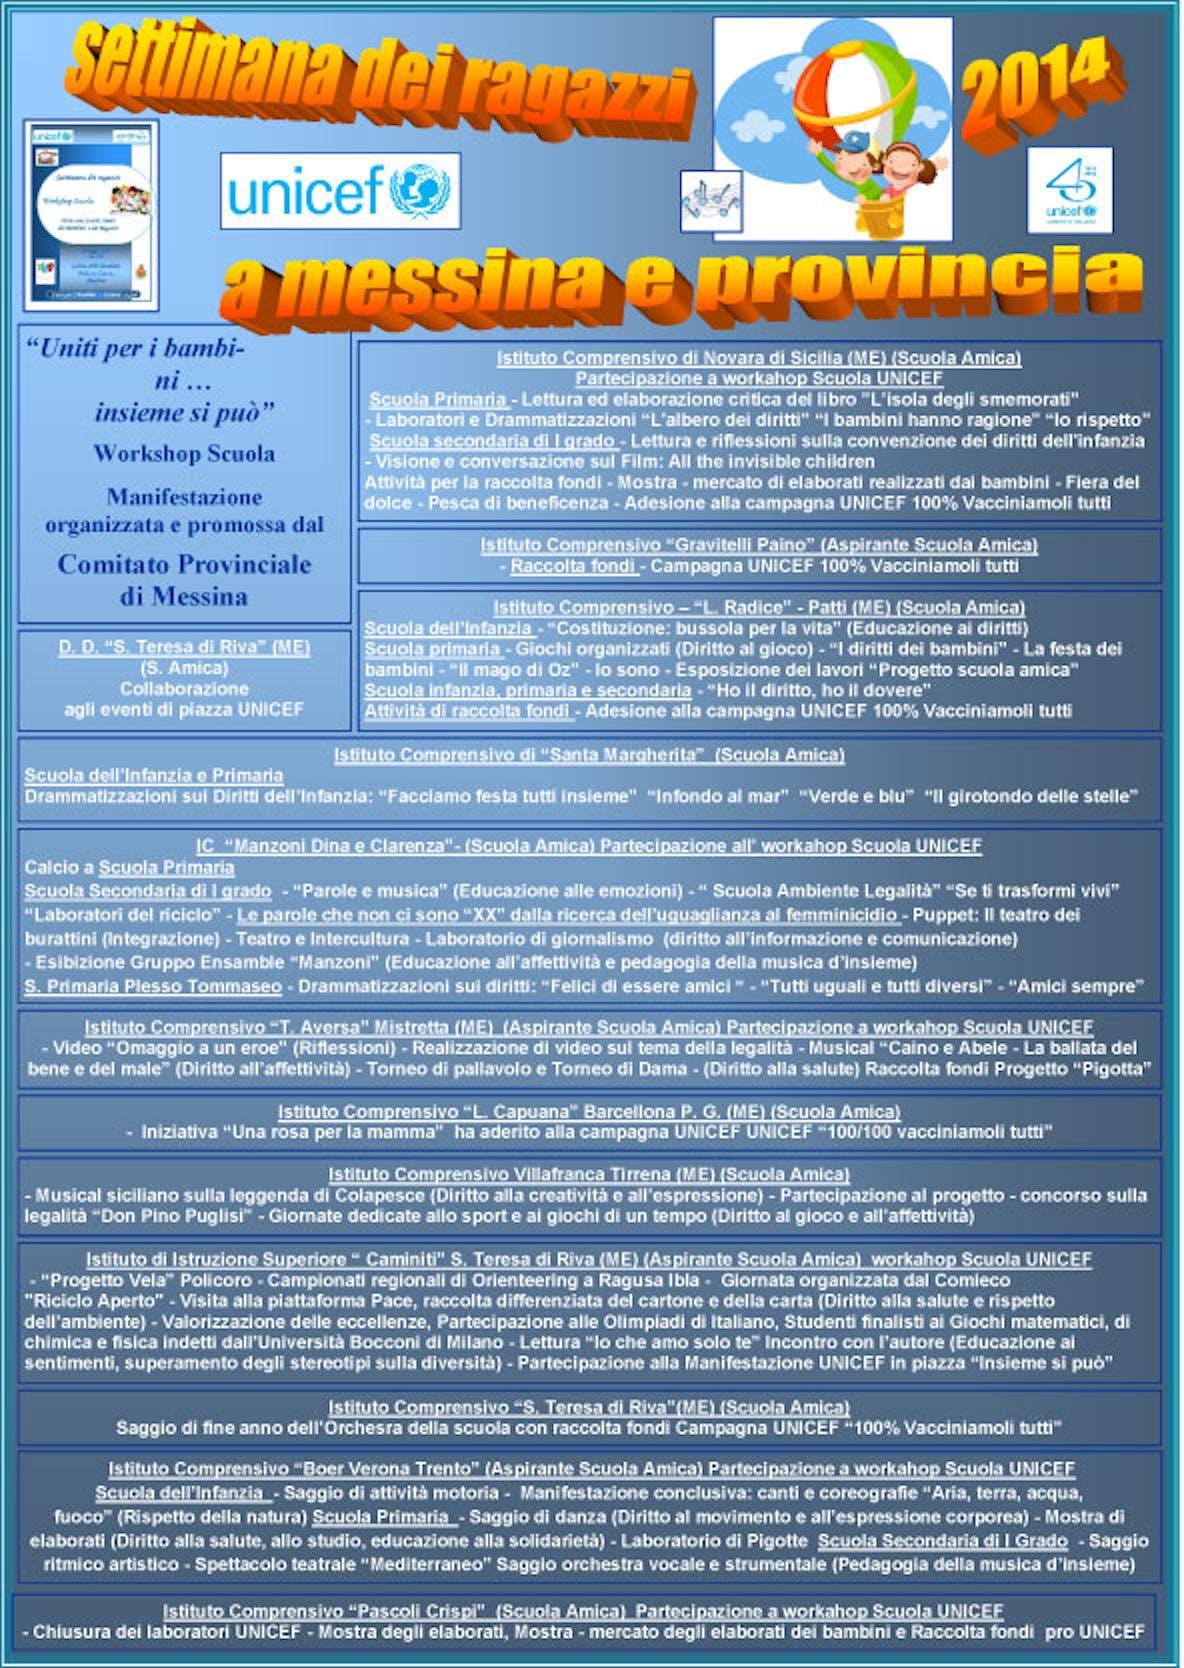 Verso il traguardo la Settimana dei Ragazzi a Messina